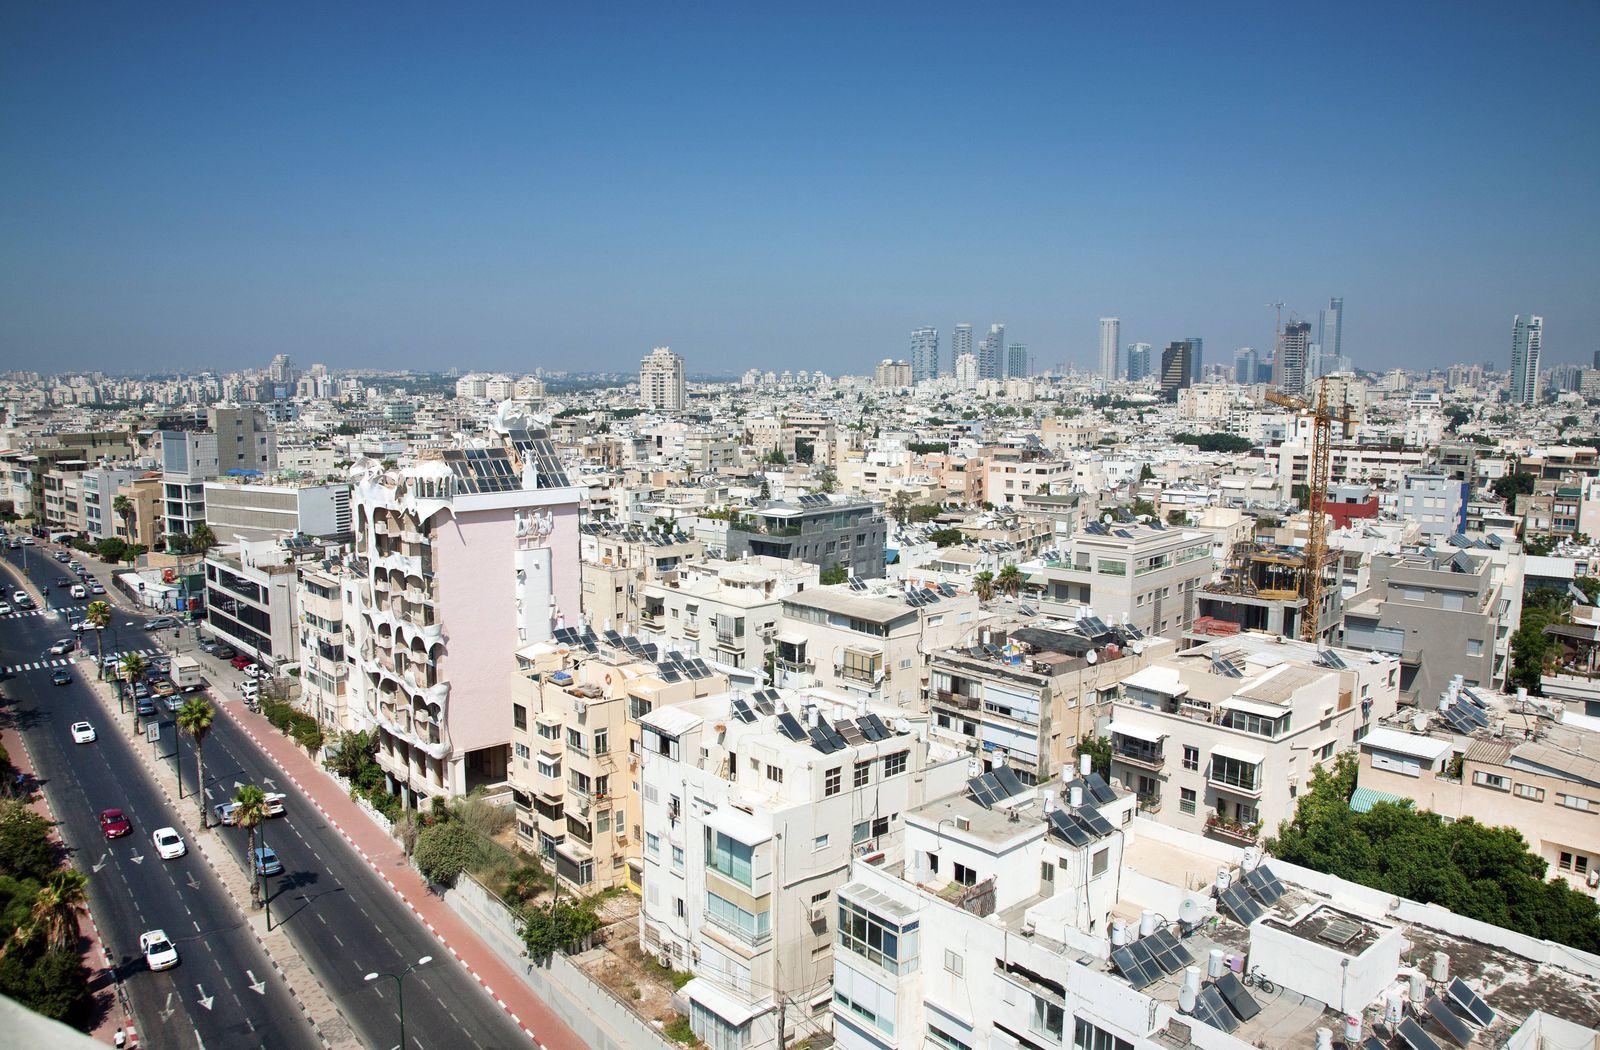 Hayarkon Street Tel Aviv City Centre Tel Aviv Israel Middle East PUBLICATIONxINxGERxSUIxAUTxONLY